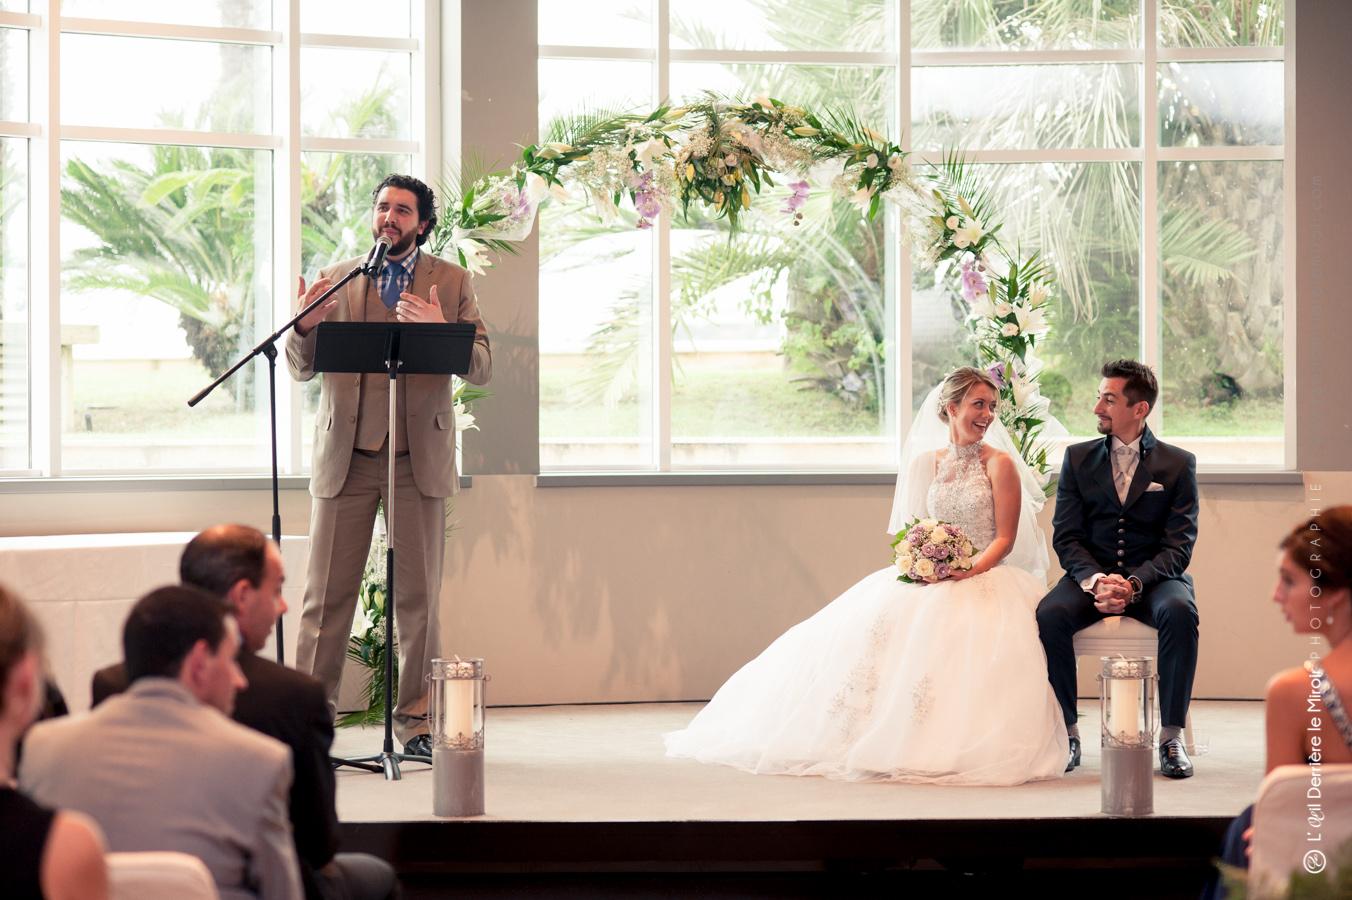 Photographe-mariage-monaco-loeilderrierelemiroir-035